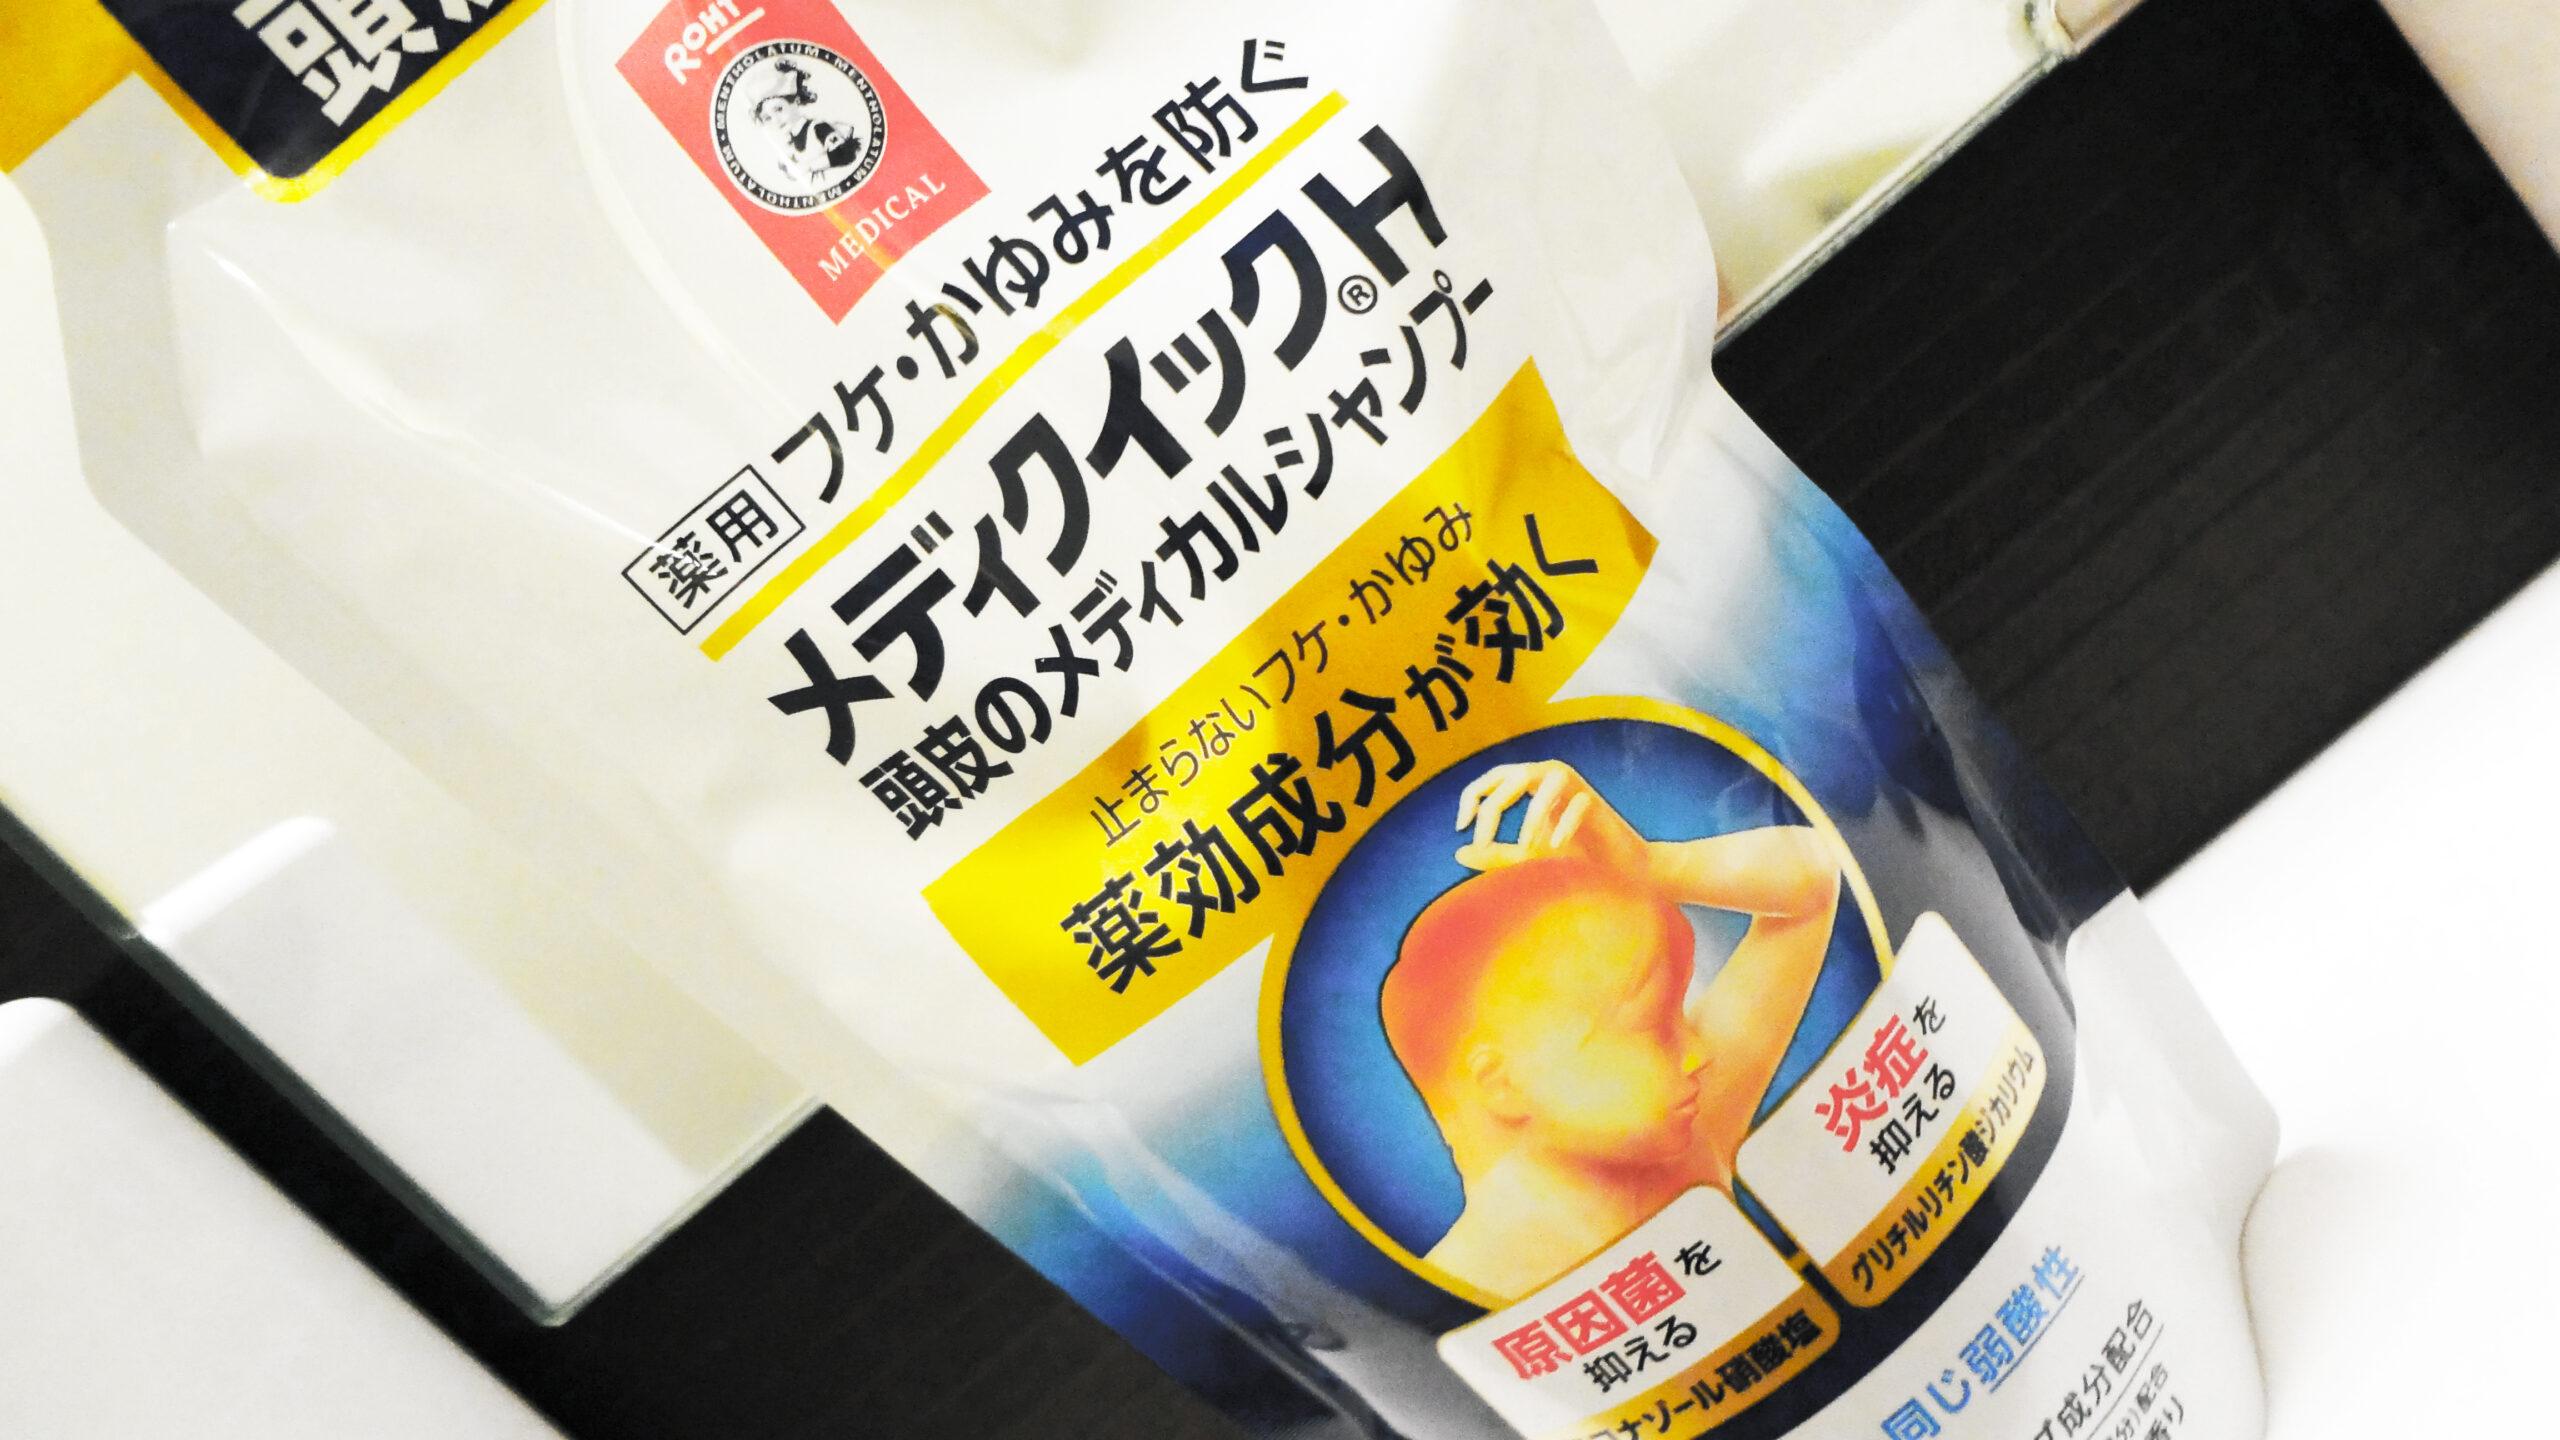 【メンズ】ふけ&かゆみに効果があるシャンプー4選【頭皮の環境改善!】